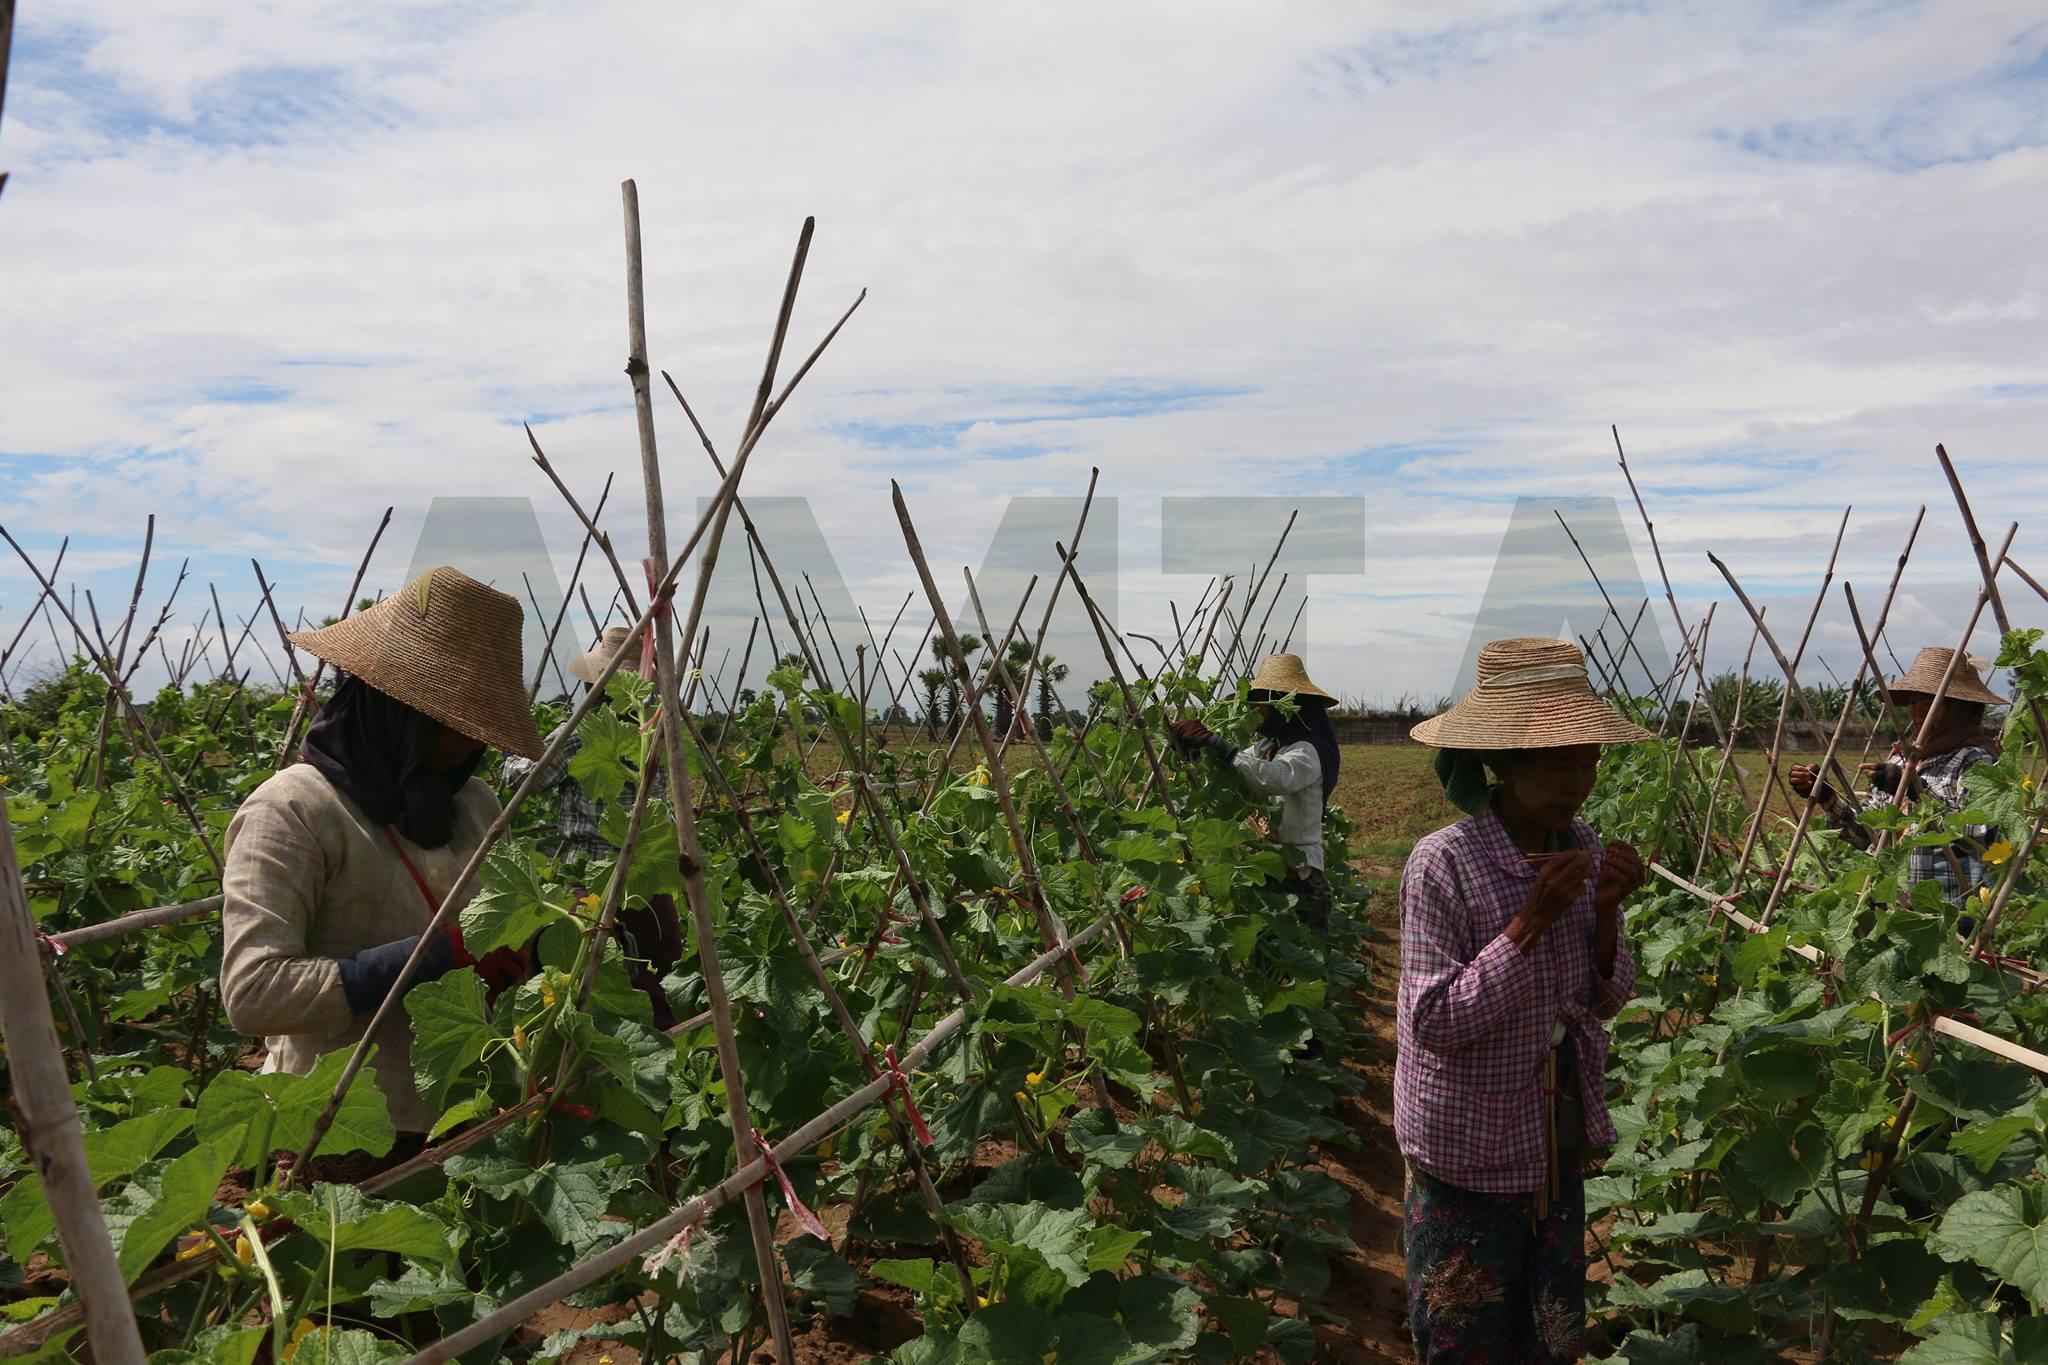 မြန်မာ- မလေးရှား စိုက်ပျိုးရေးထွက်ကုန်များ အပြန်အလှန် တင်ပို့နိုင်ရေးနှင့် ပူးပေါင်းဆောင်ရွက်မှု တိုးမြှင့်နိုင်ရေး ဆွေးနွေးထား